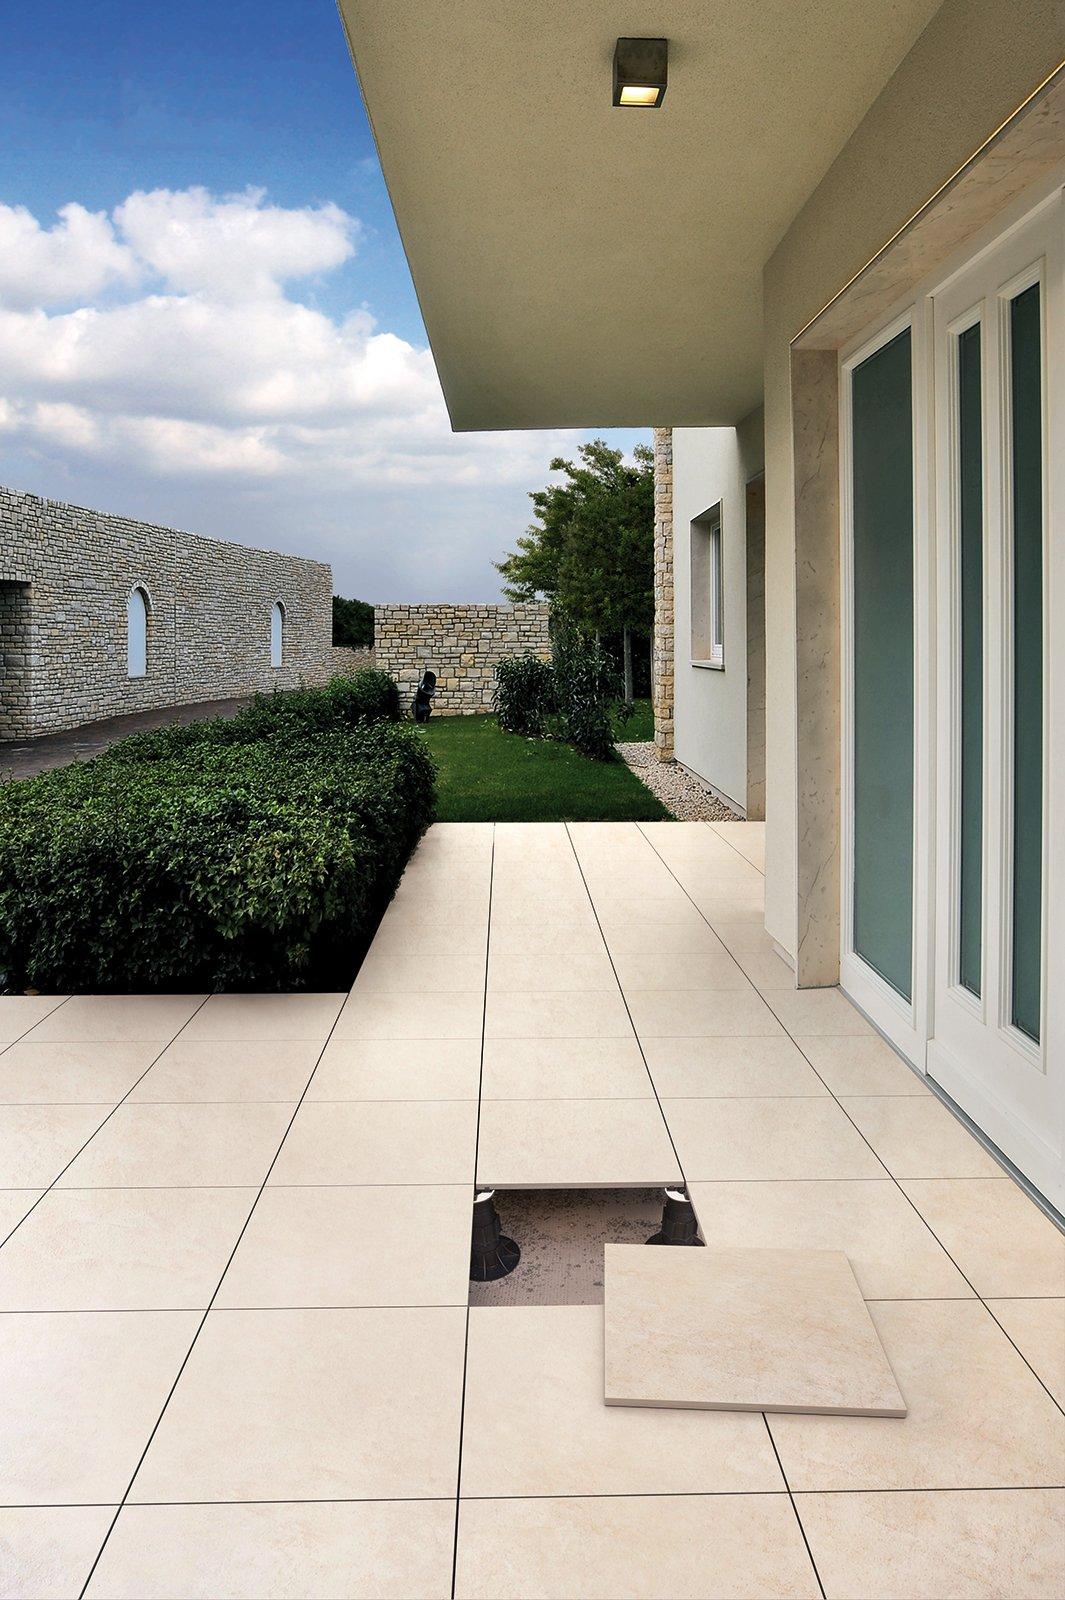 Pavimenti sopraelevati anche per le abitazioni tanti i vantaggi cose di casa - Piastrelle per balconi ...